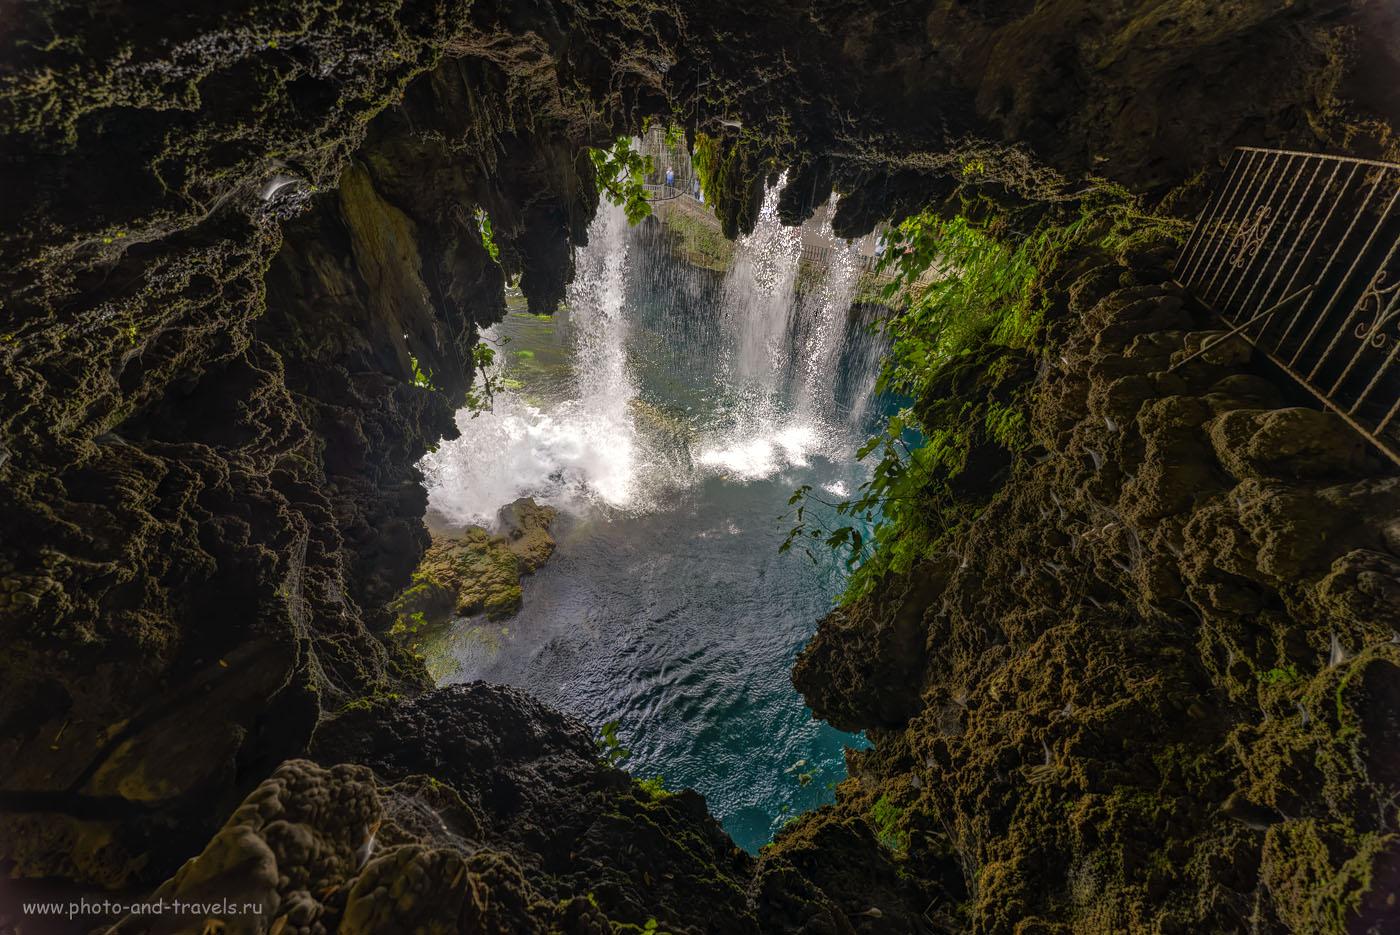 Фотография 14. Вид на Верхний Дюдениский водопад со стороны грота. Отчеты туристов об отдыхе в Турции дикарями. HDR из 3-х кадров. Снято на Nikon D610 со сверхширокоугольным объективом Samayng 14mm f/2.8 с использованием карбонового штатива Sirui T2204X-G20KX.